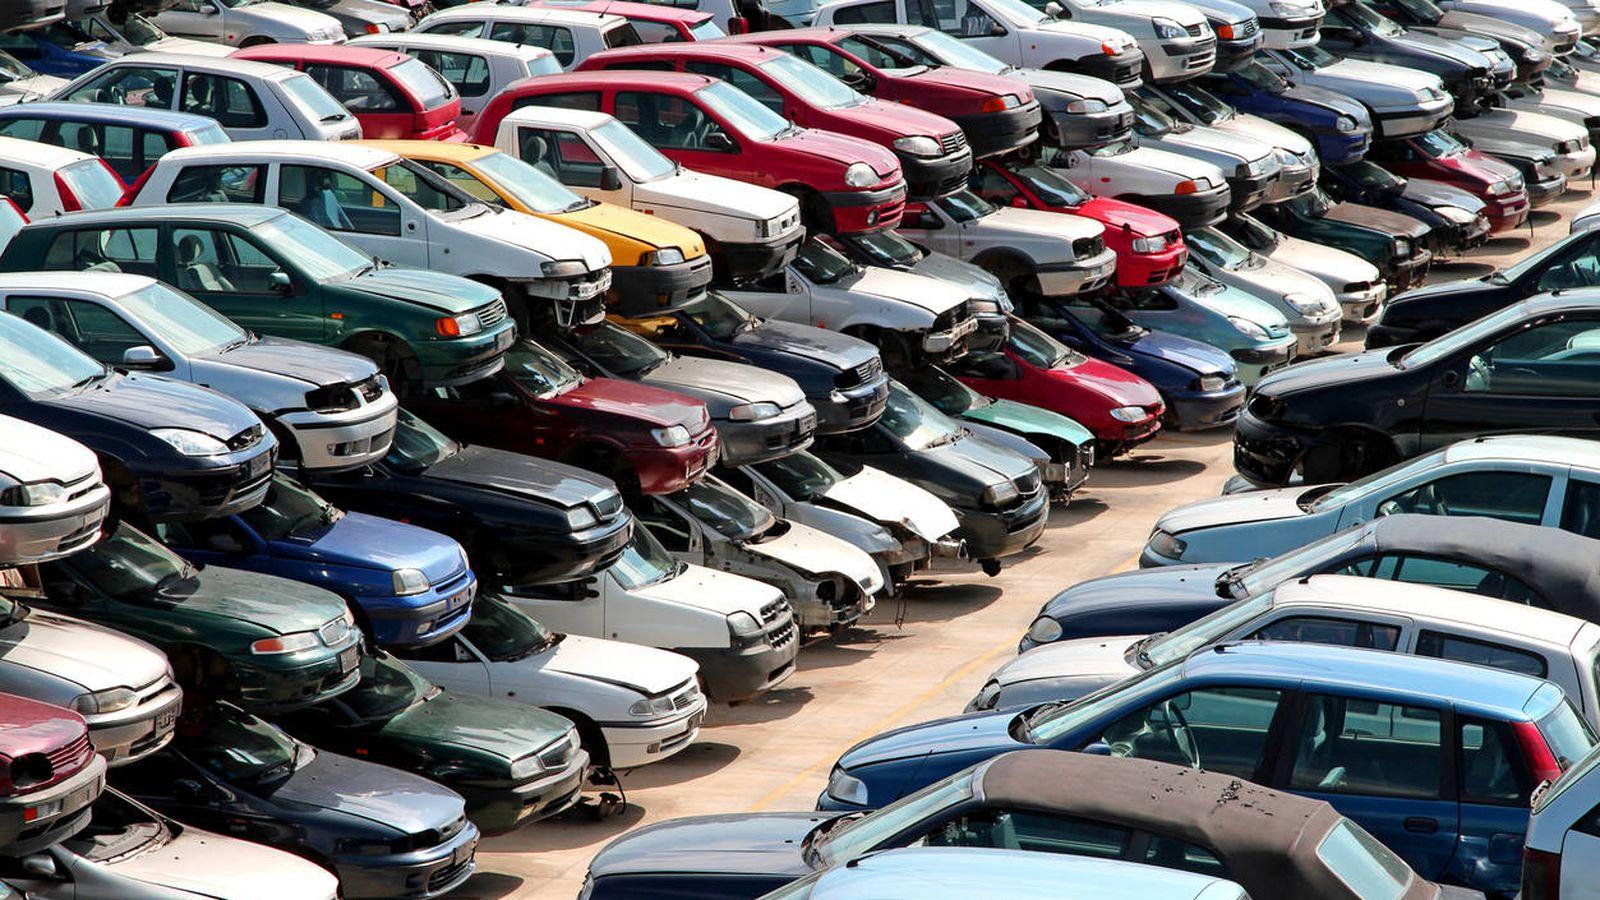 e7c97cf53 Venta de coches: No te compres un coche: por qué es una mala inversión y  cuál va a ser pronto la alternativa